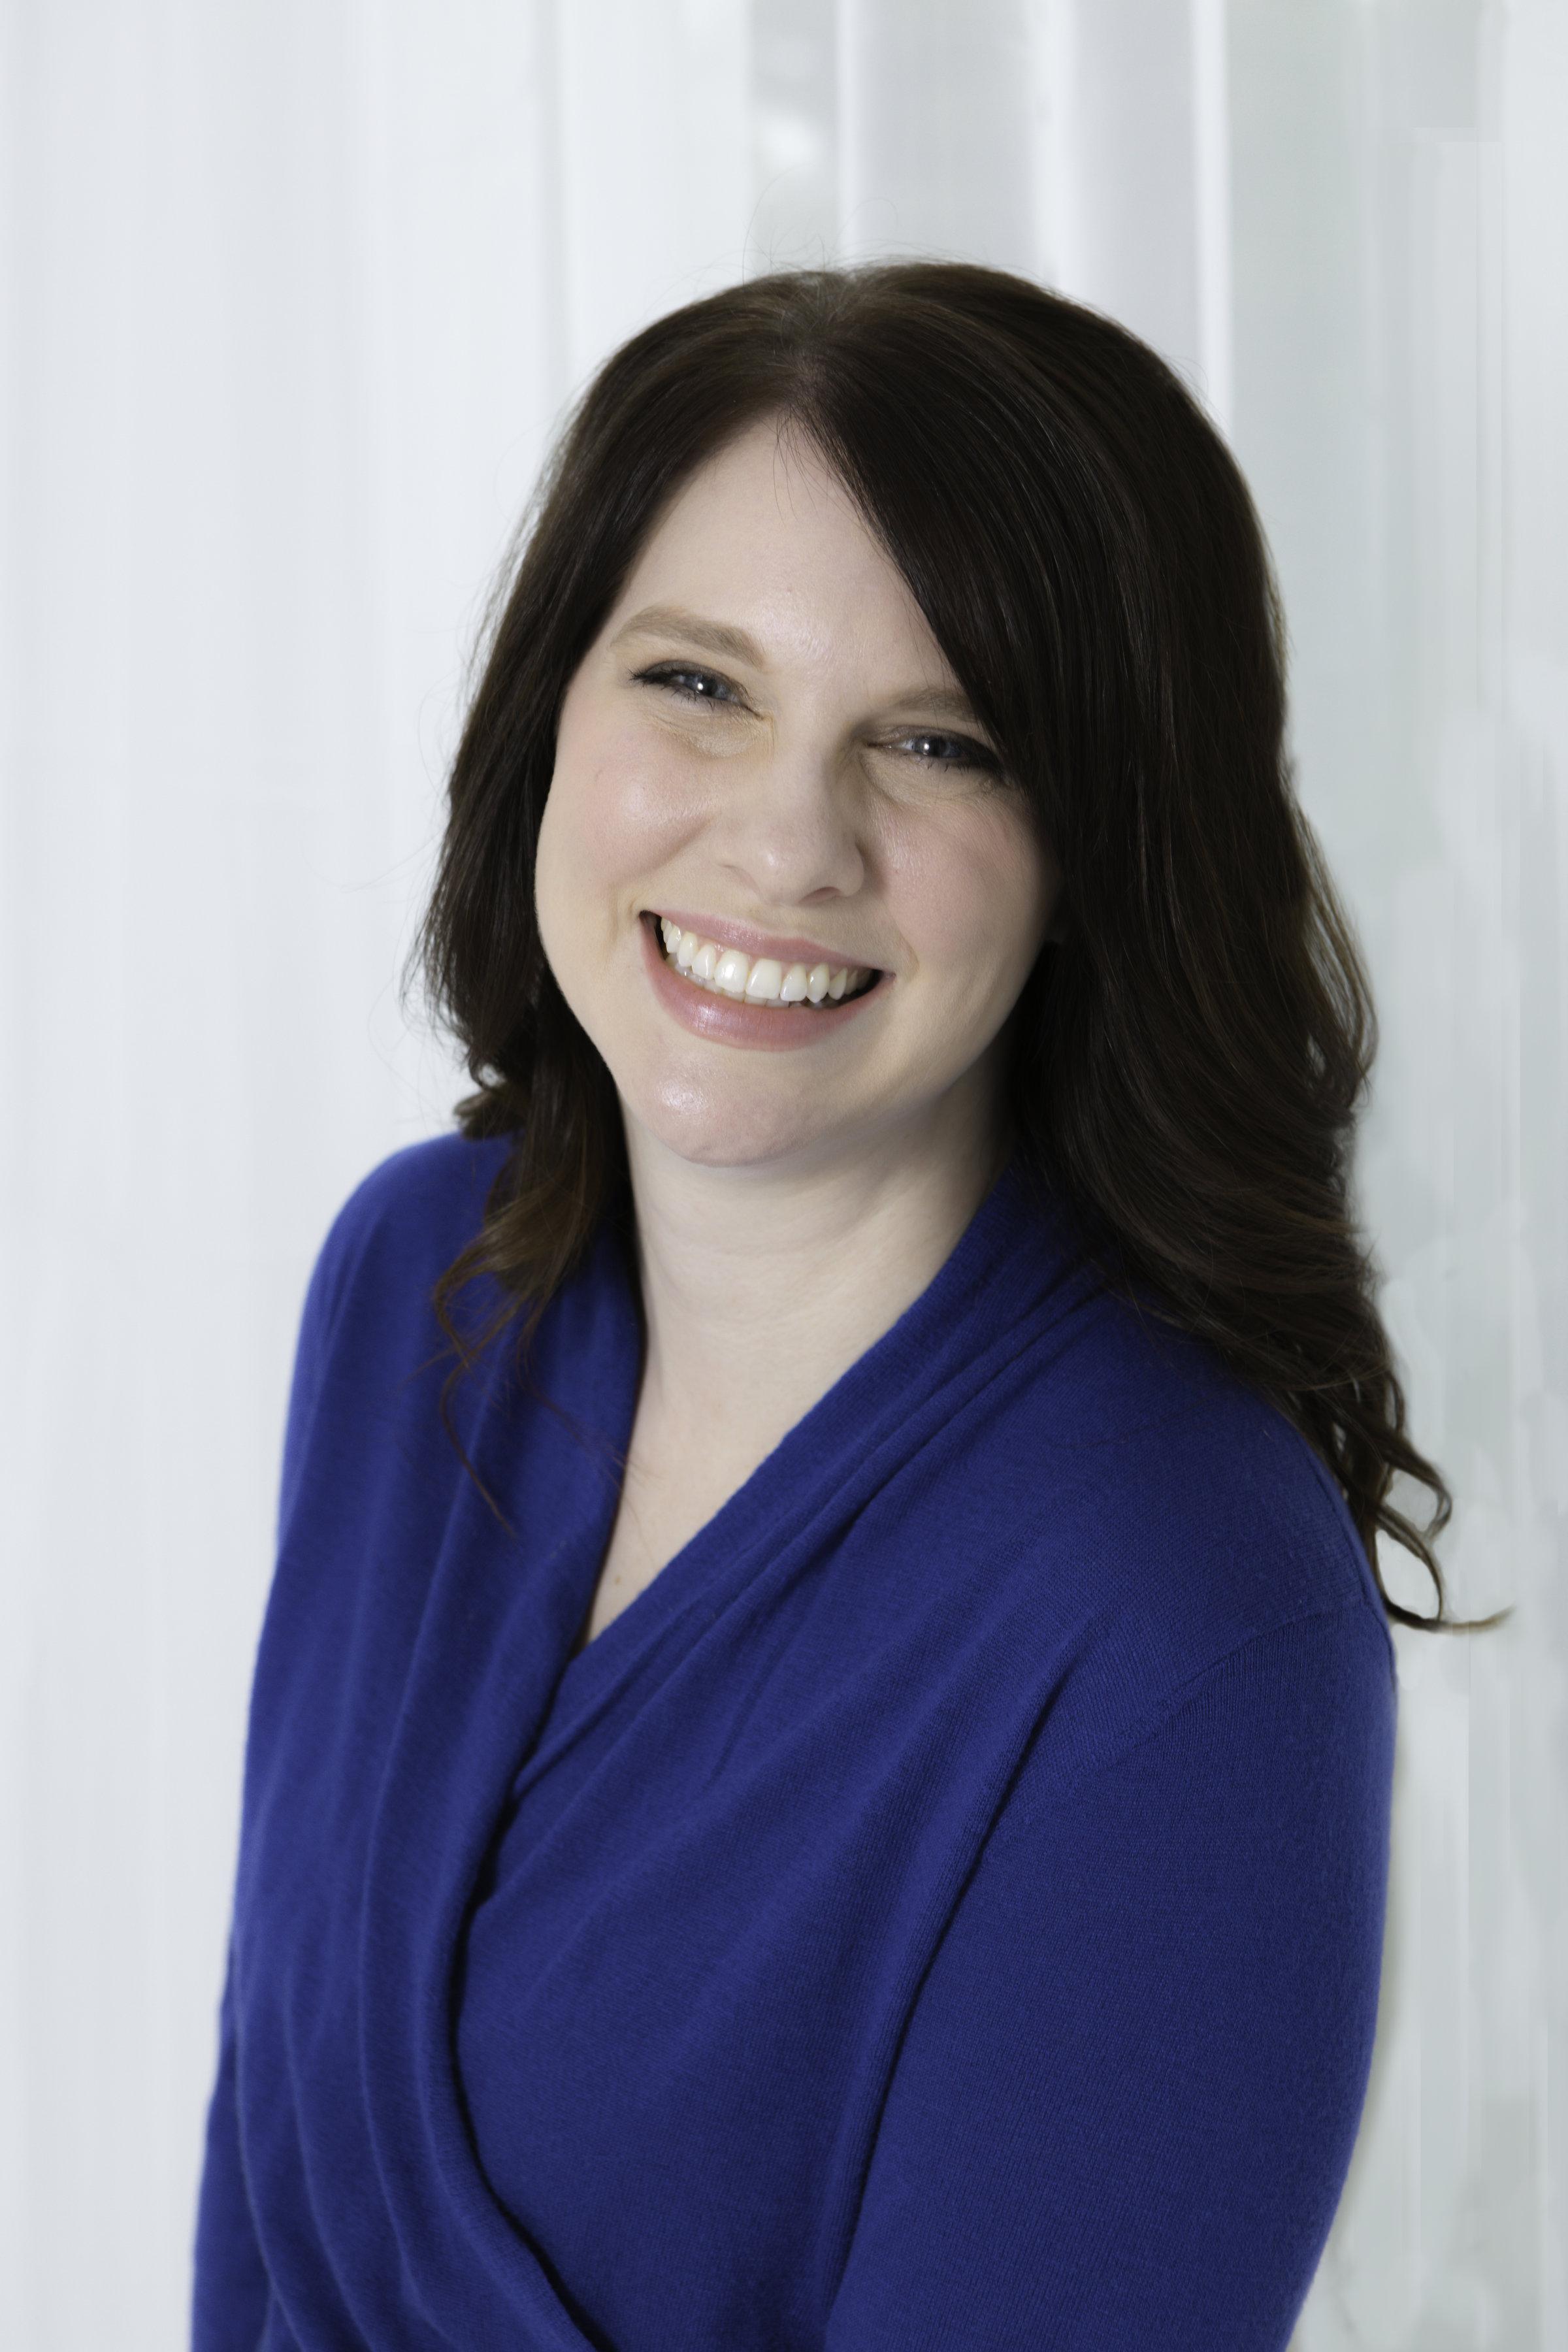 Rachel Kurtz